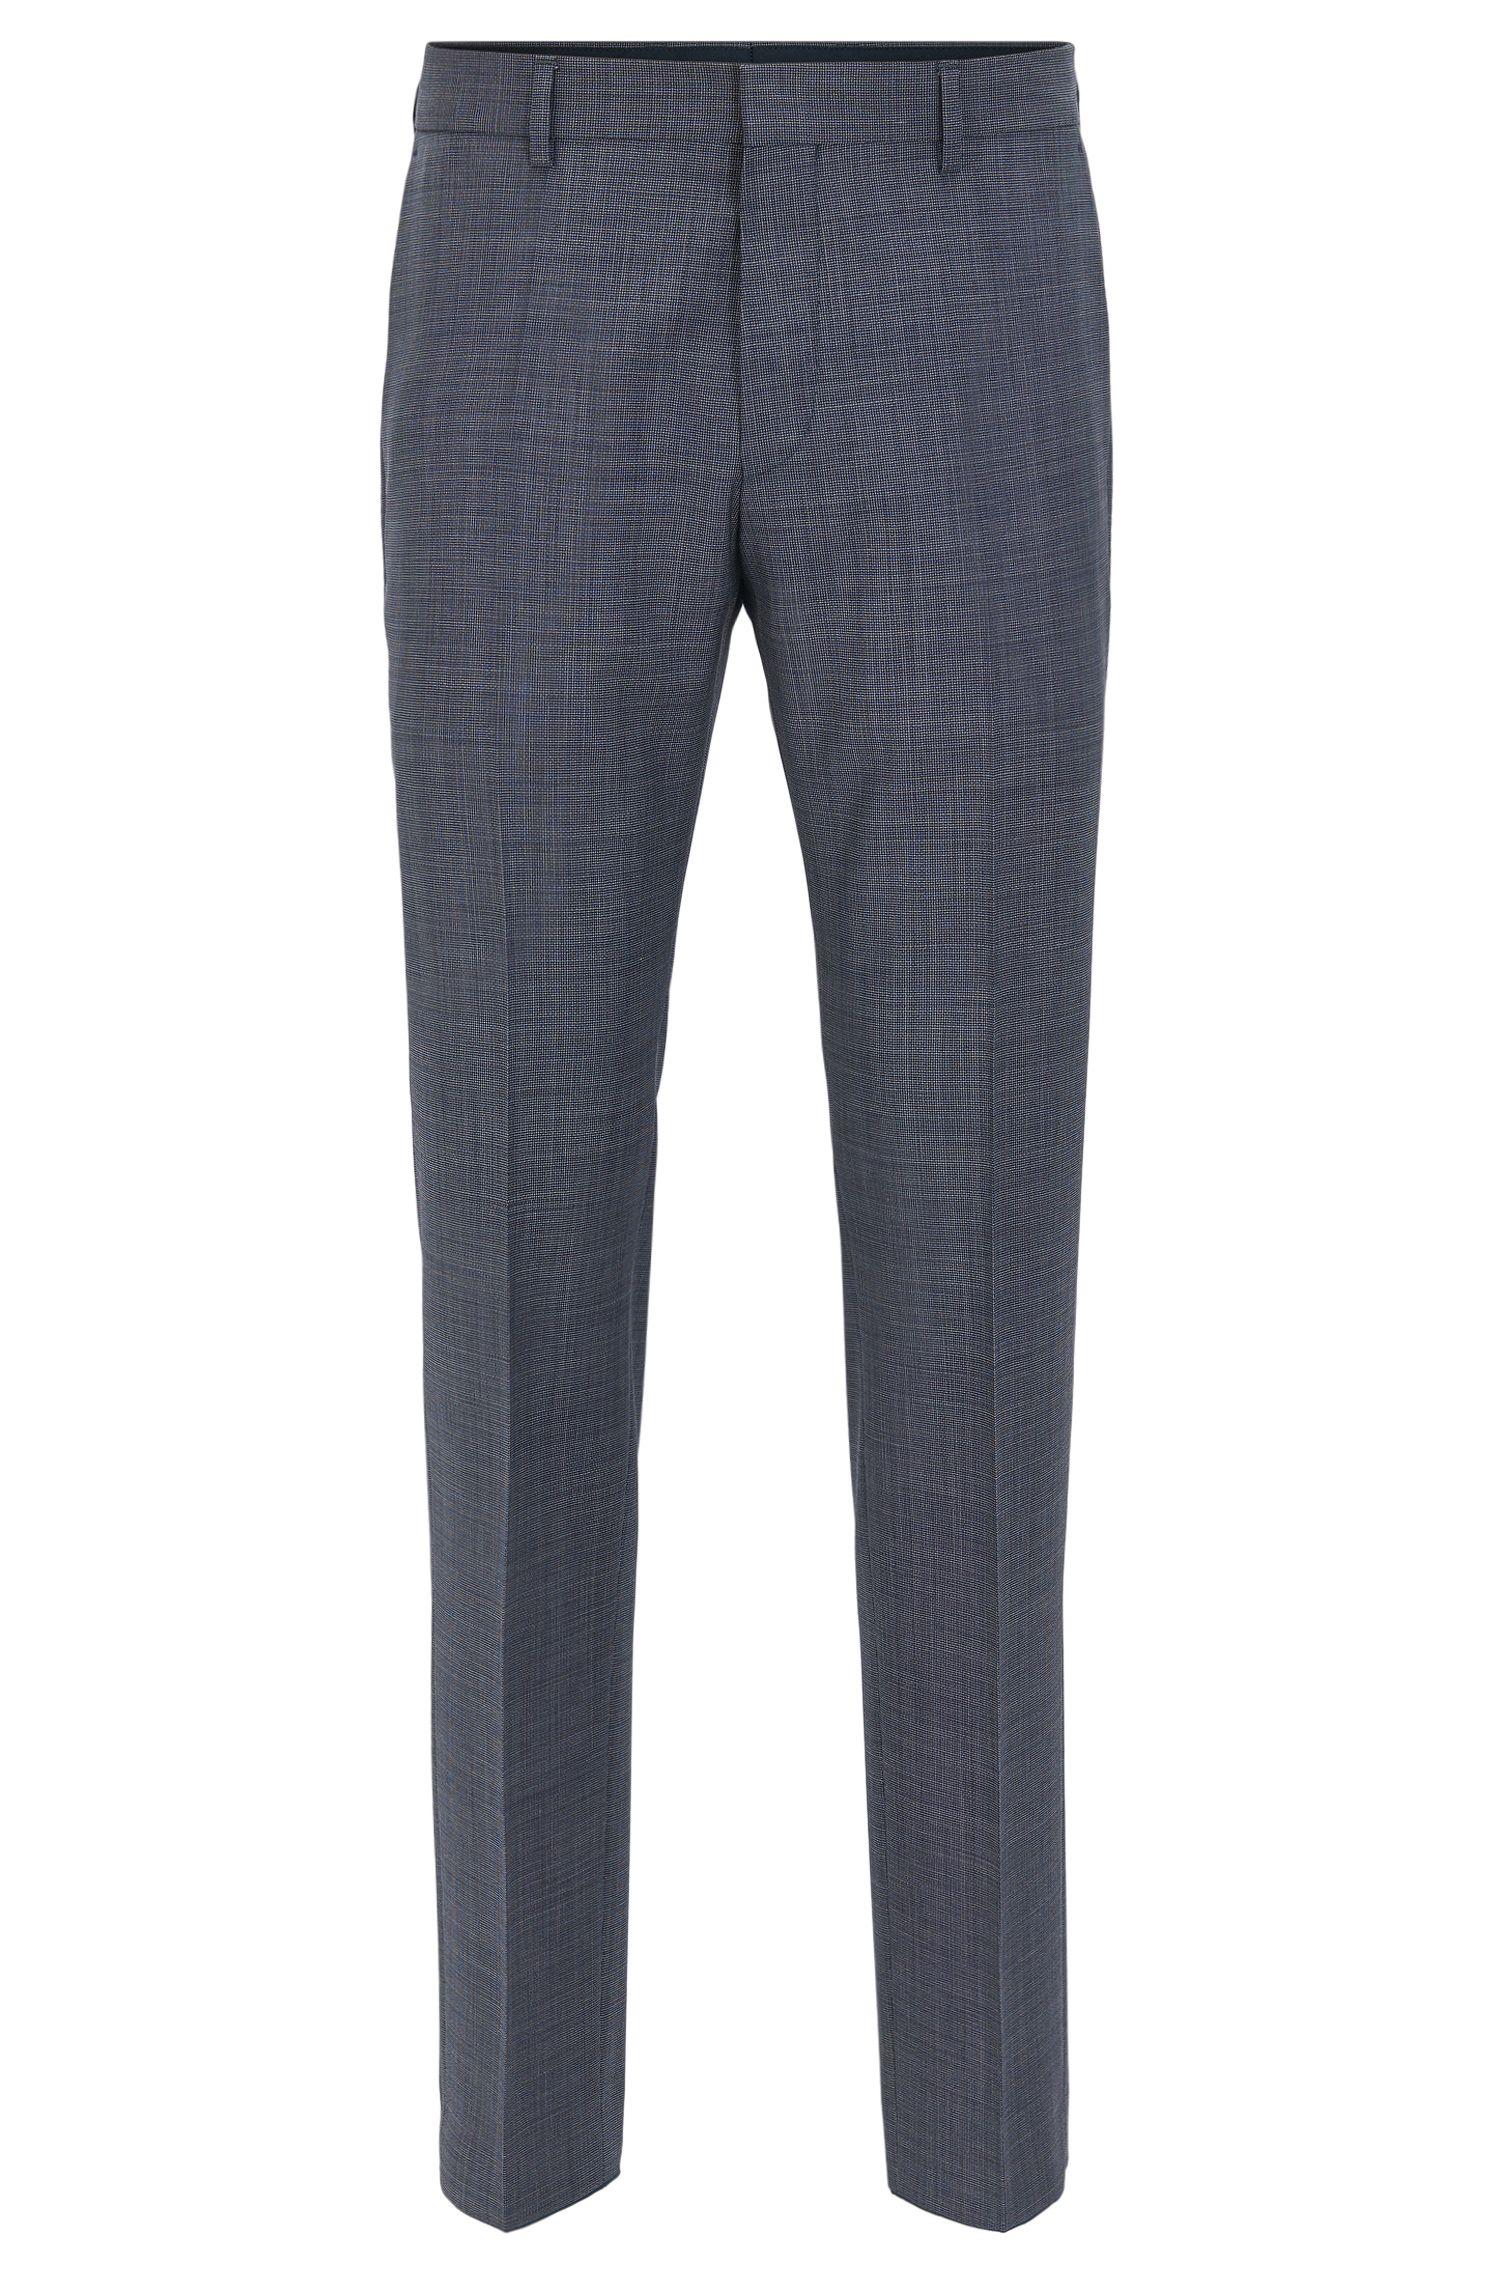 Virgin Wool Dress Pant, Slim Fit | Genesis